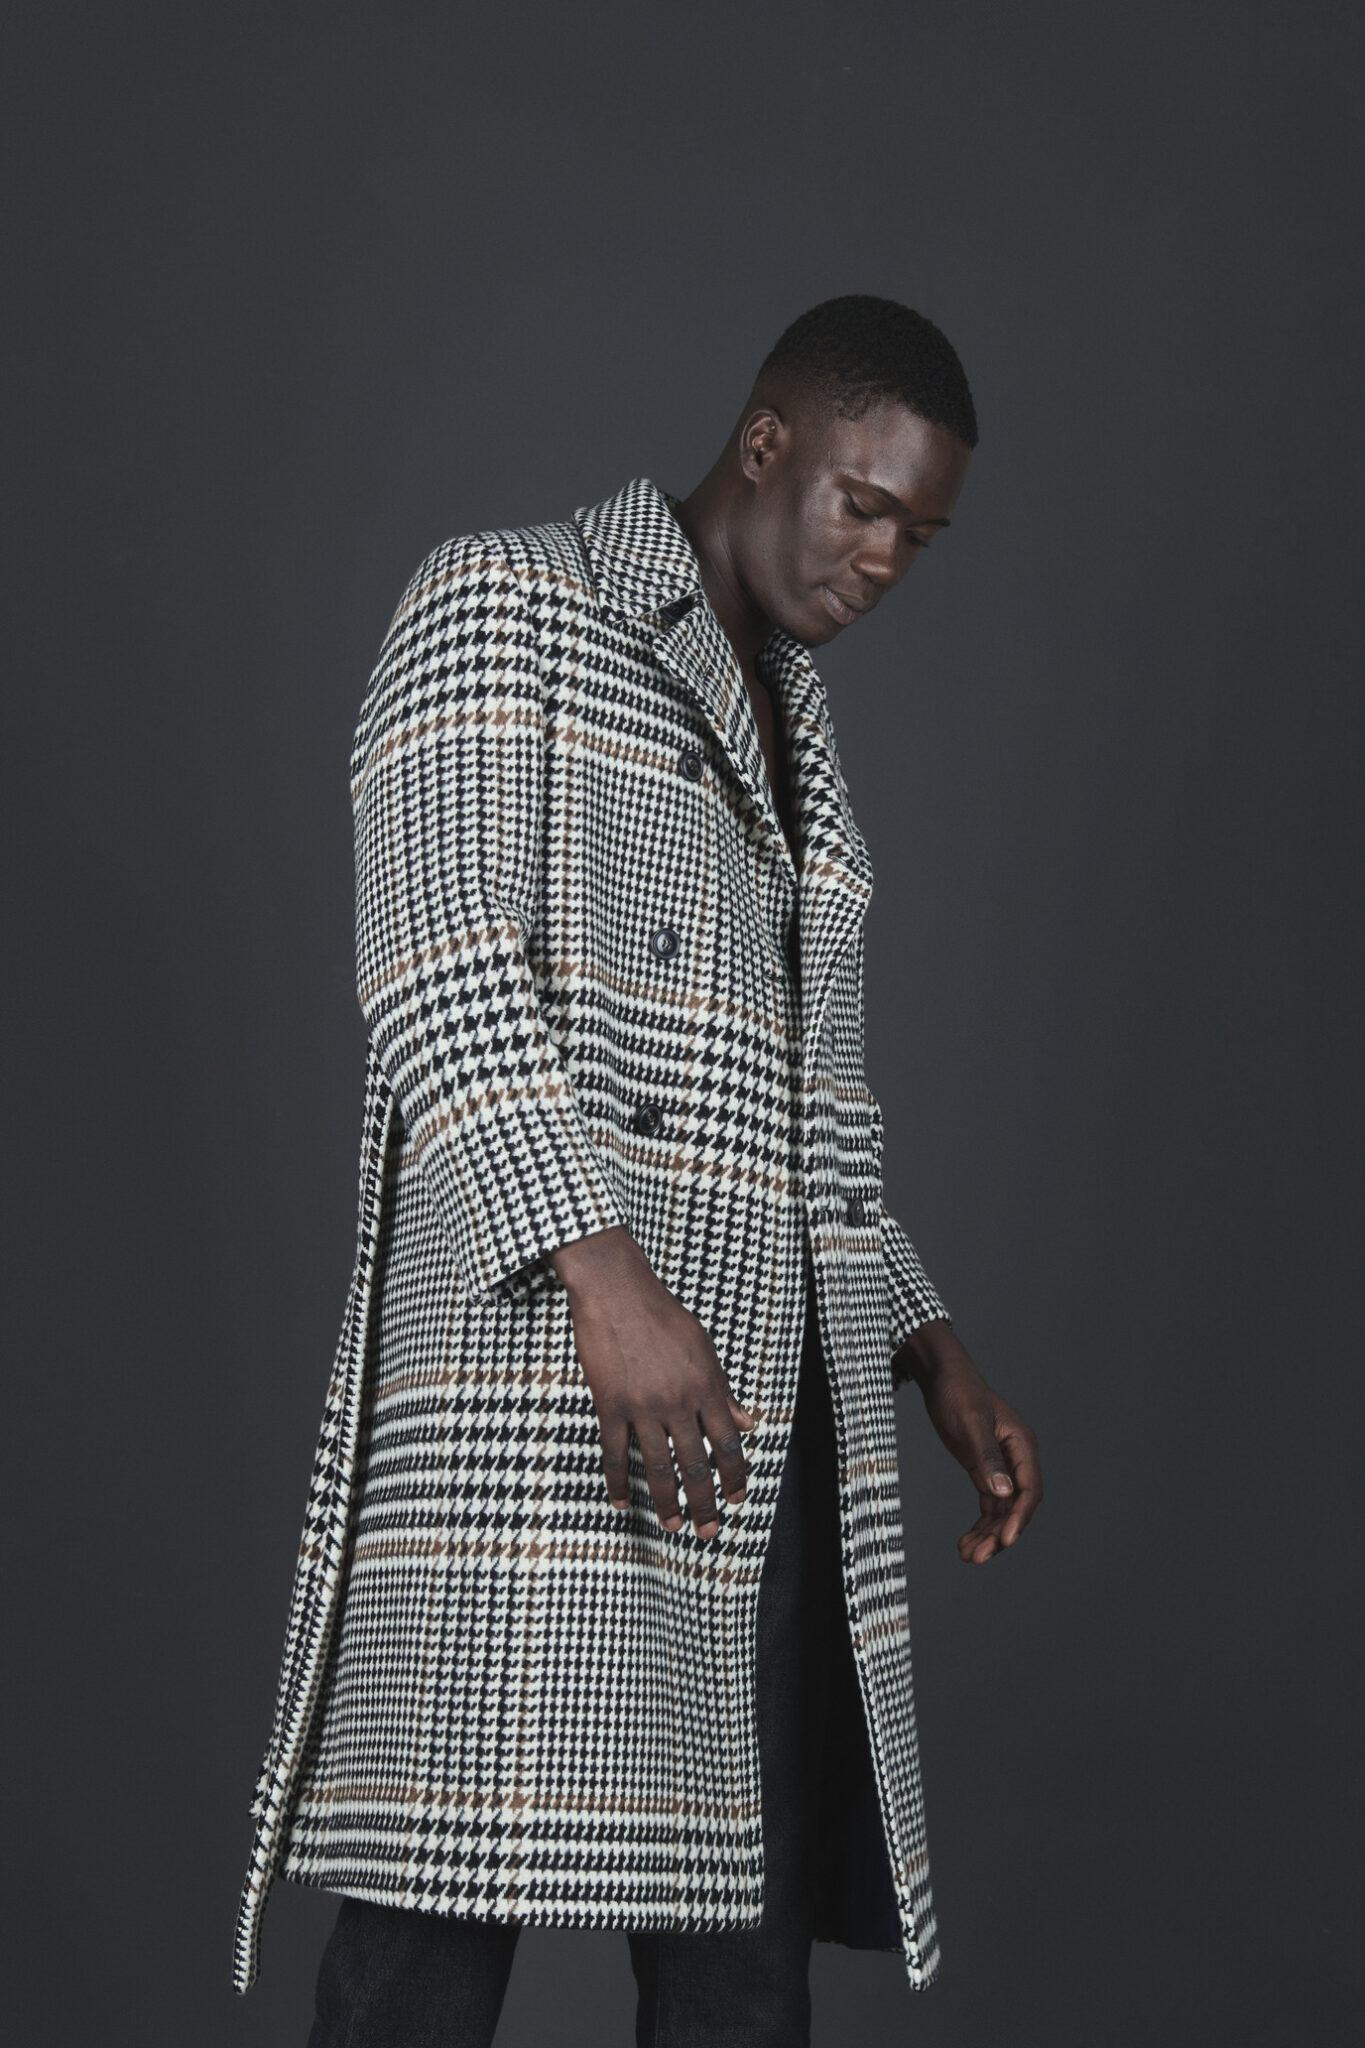 Cappotto bianco e nero parte della collezione realizzata da Massimo Piombo per Understatement Milano